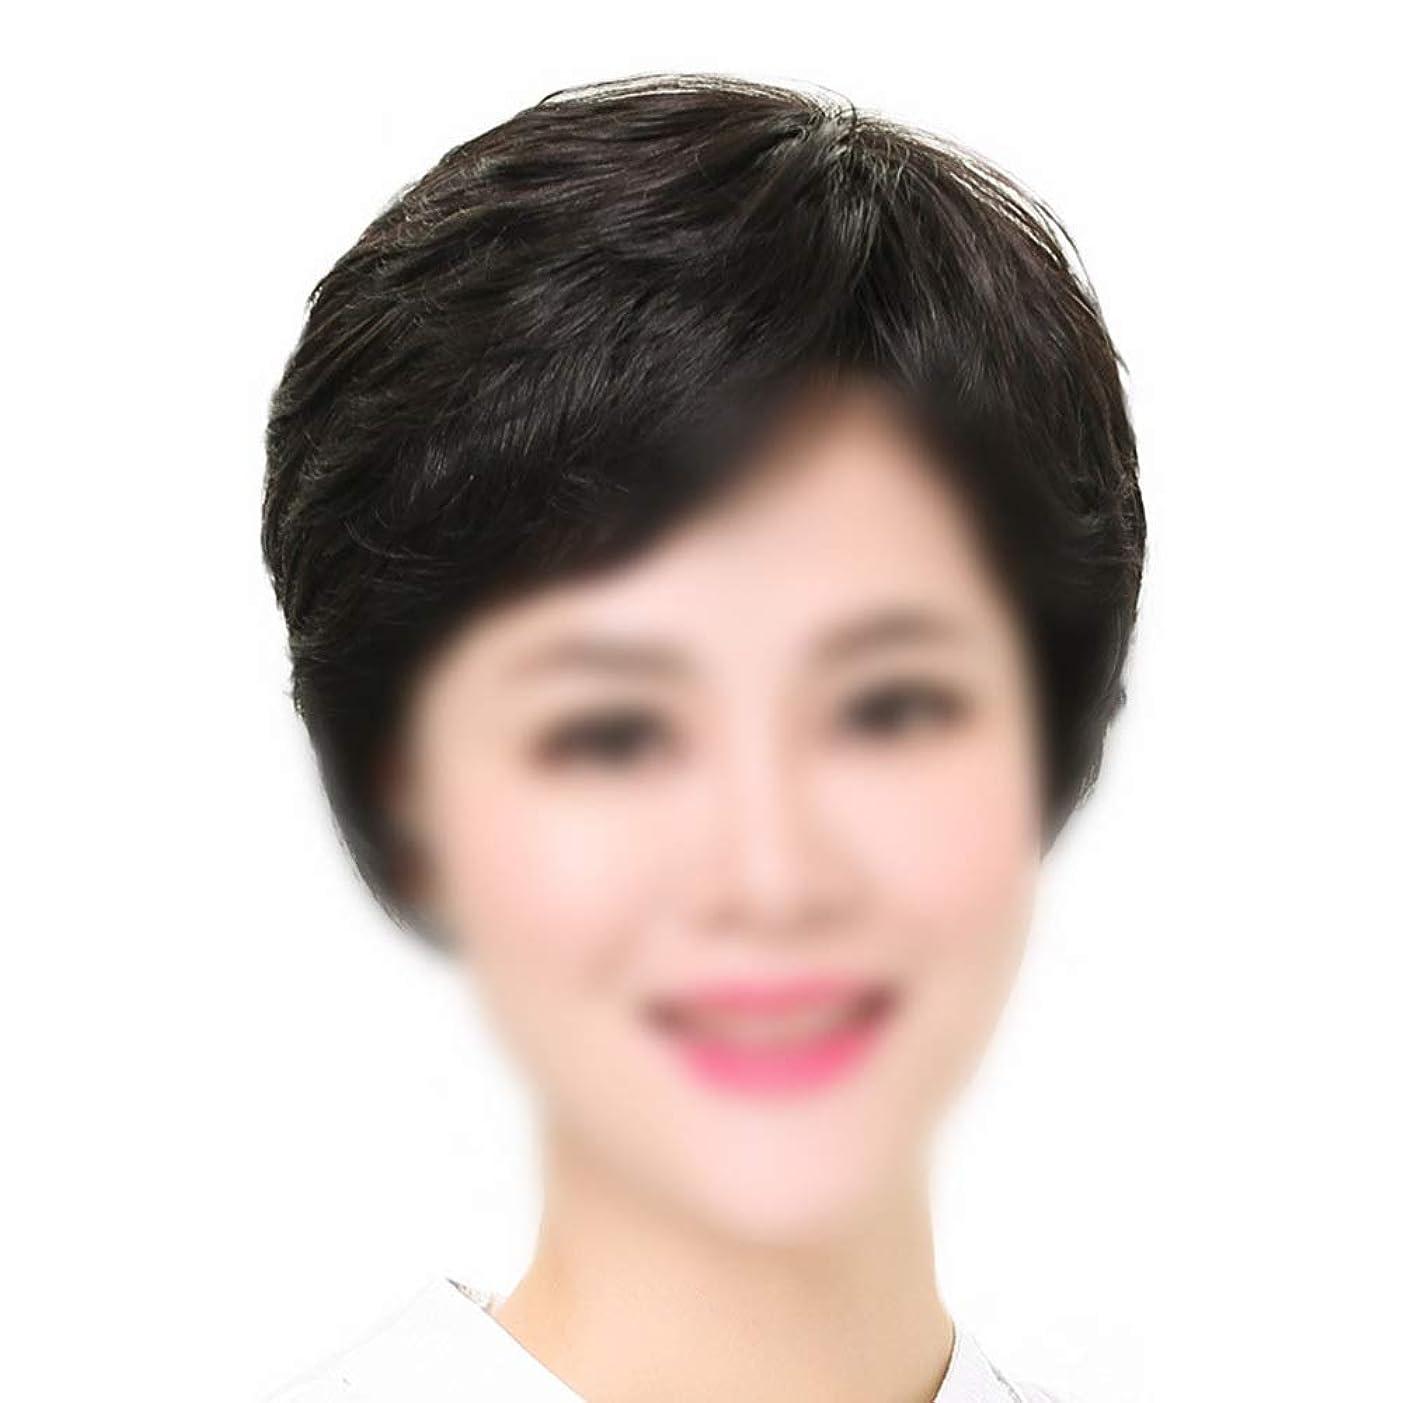 爆発するハイジャック絶対のBOBIDYEE フル織りの女性の自然な人間の髪の毛のマイクロ波短髪中年のかつらパーティーのかつら (Color : Natural black, サイズ : Mechanism)